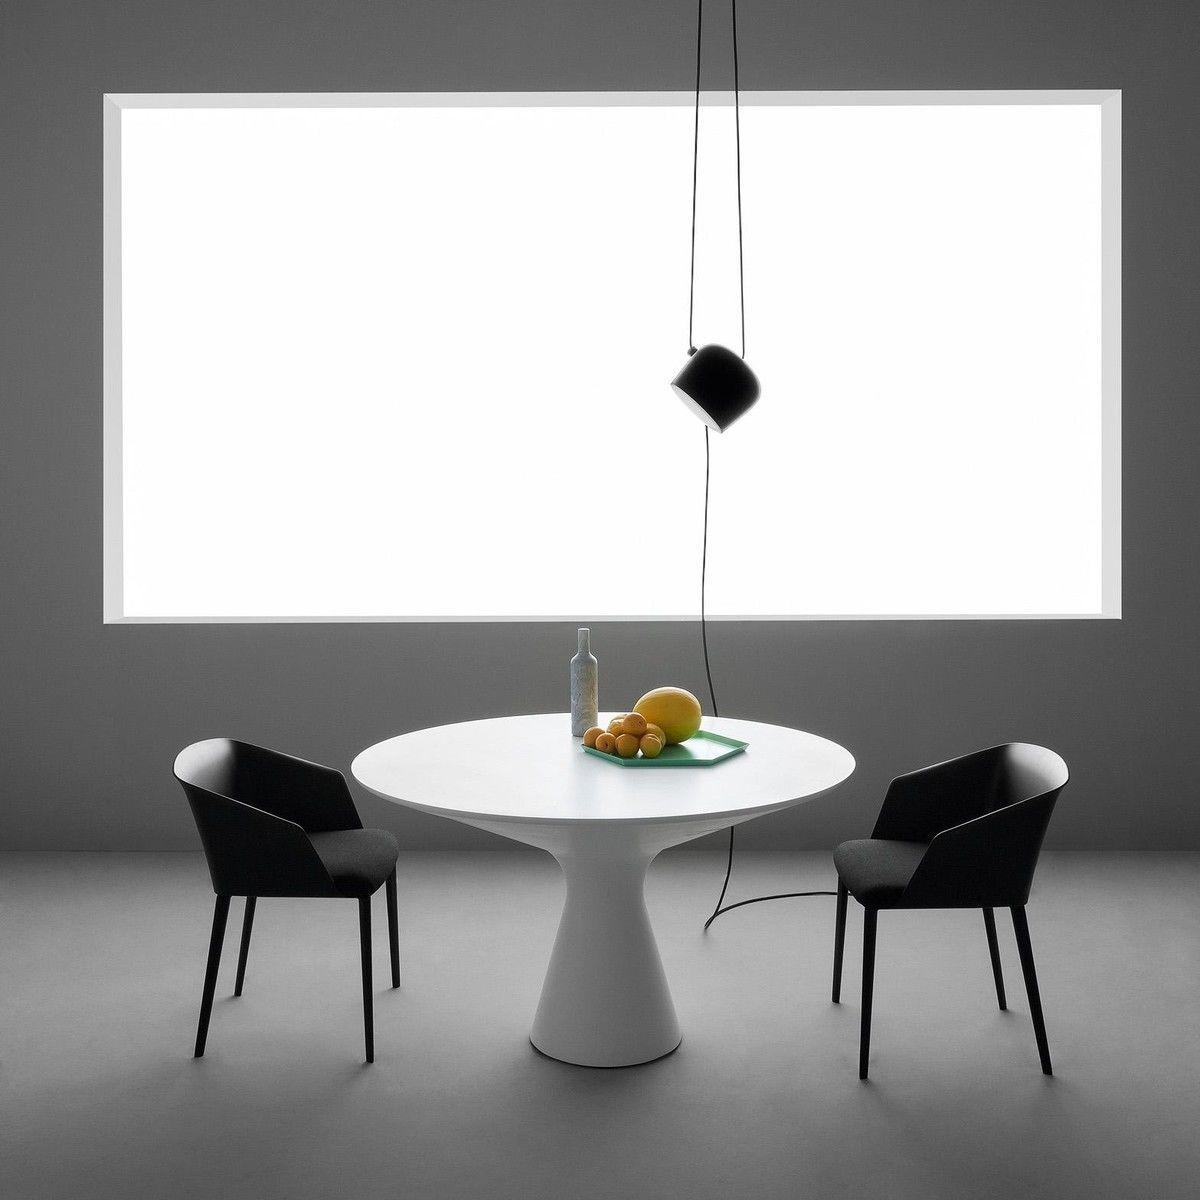 aim led pendelleuchte flos. Black Bedroom Furniture Sets. Home Design Ideas